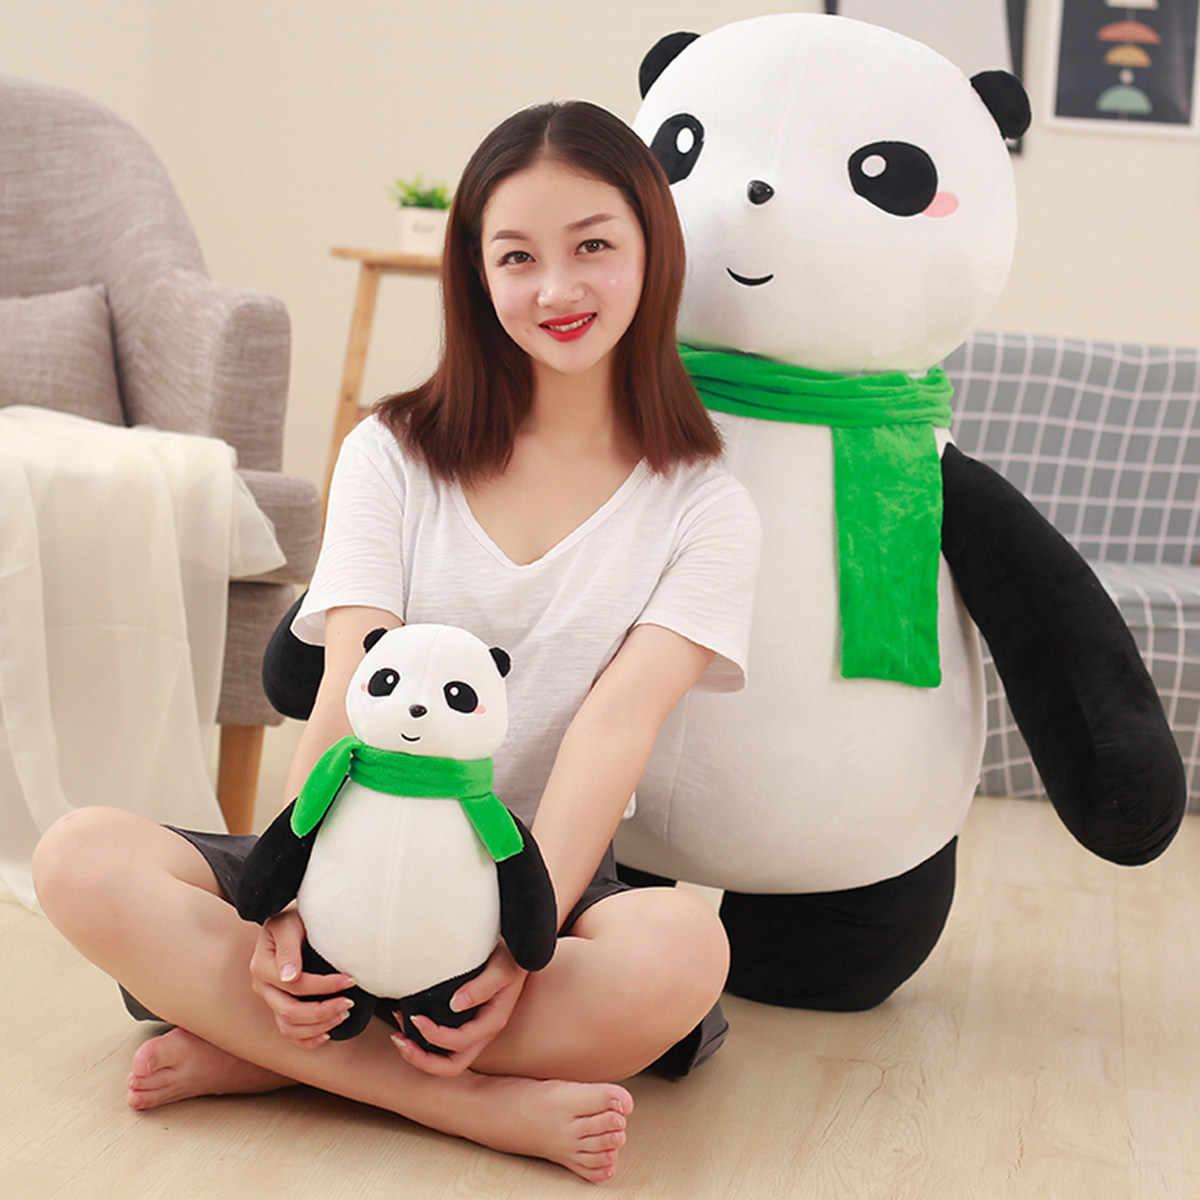 Panda ตุ๊กตาตุ๊กตาตุ๊กตาตุ๊กตาตุ๊กตาหมอนสีดำและสีขาวขนาดใหญ่ Bear Hug Girl'S ตุ๊กตาสาวนักเรียน